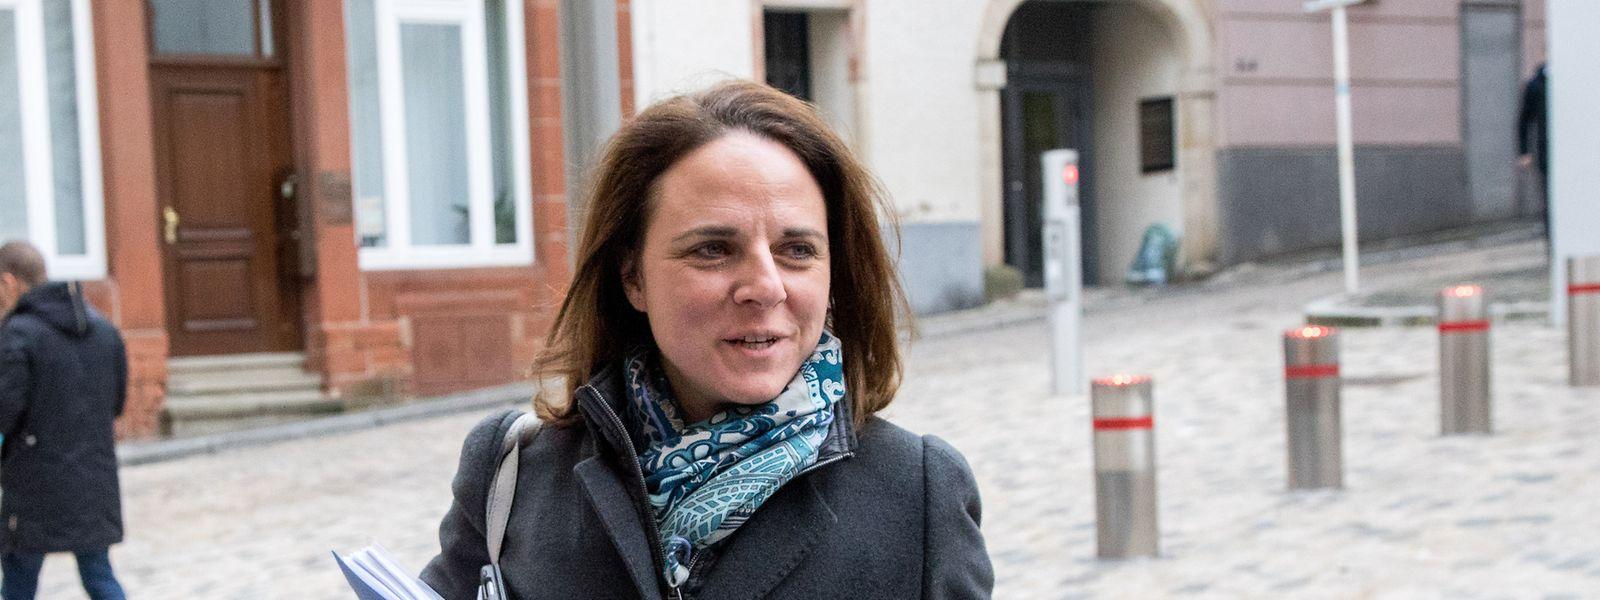 Familienministerin Corinne Cahen reagiert per Facebook auf den Vorwurf der Interessenvermischung.